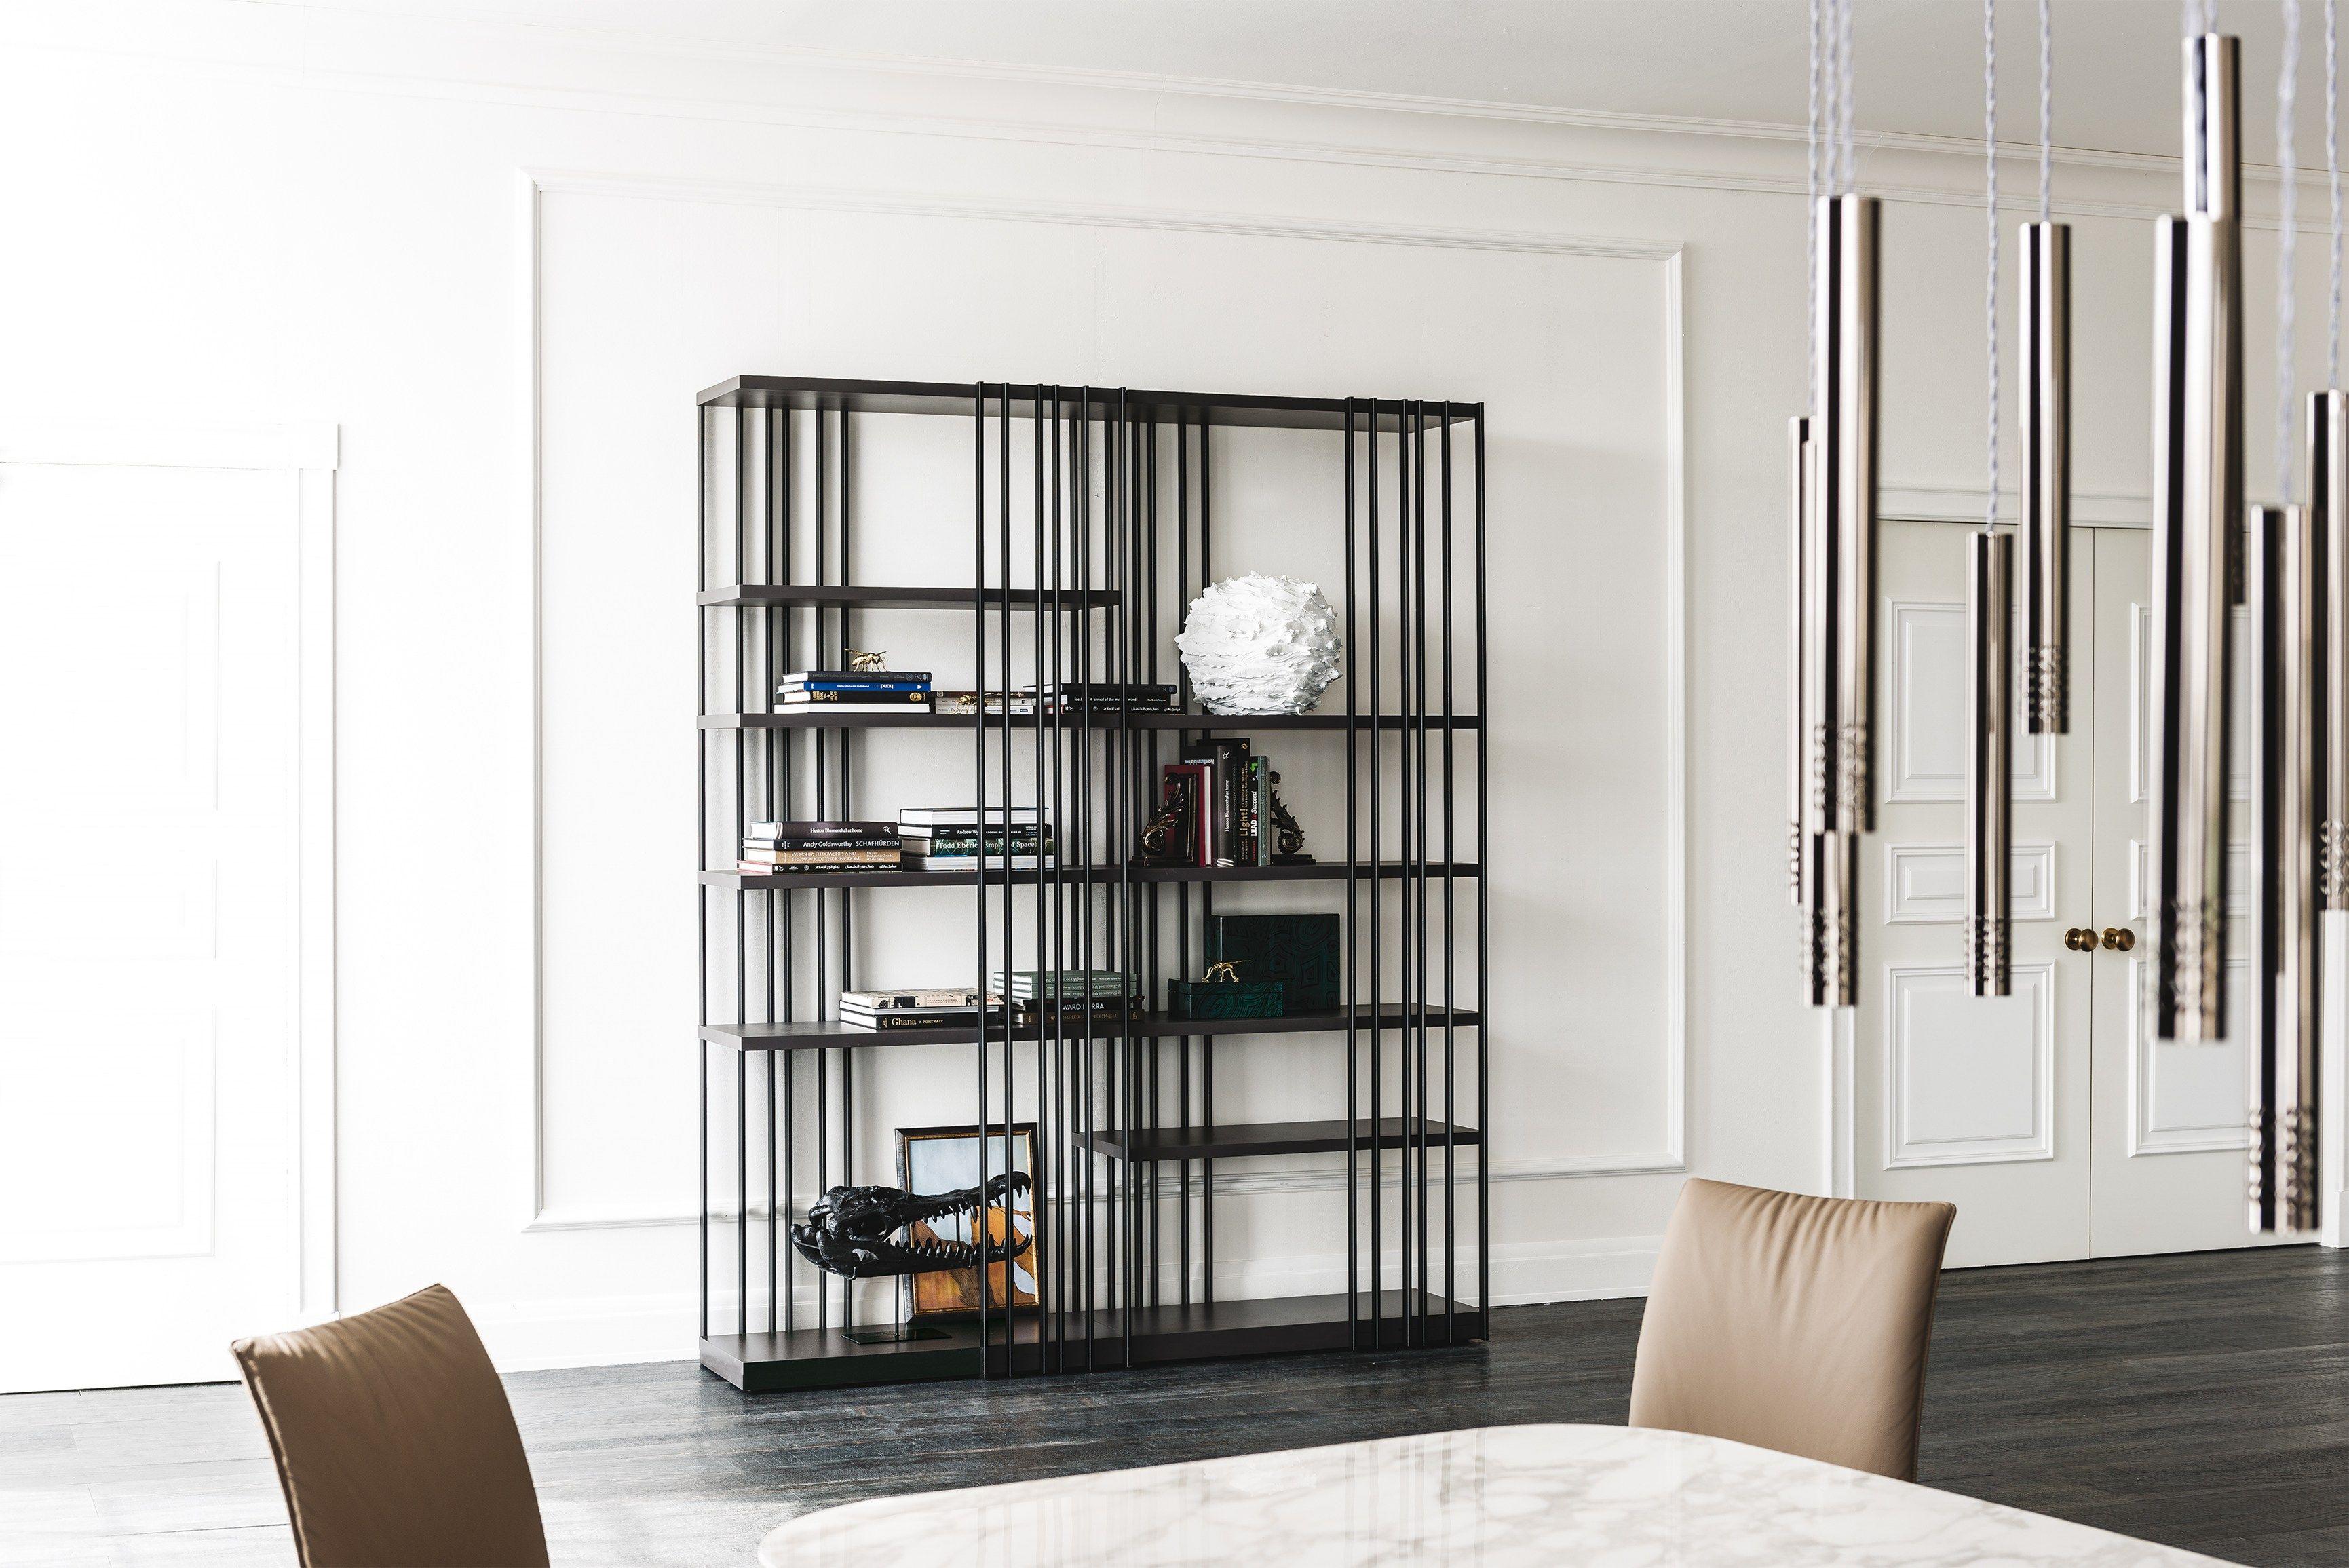 Книжный шкаф arsenal купить в минске * мебель италии.